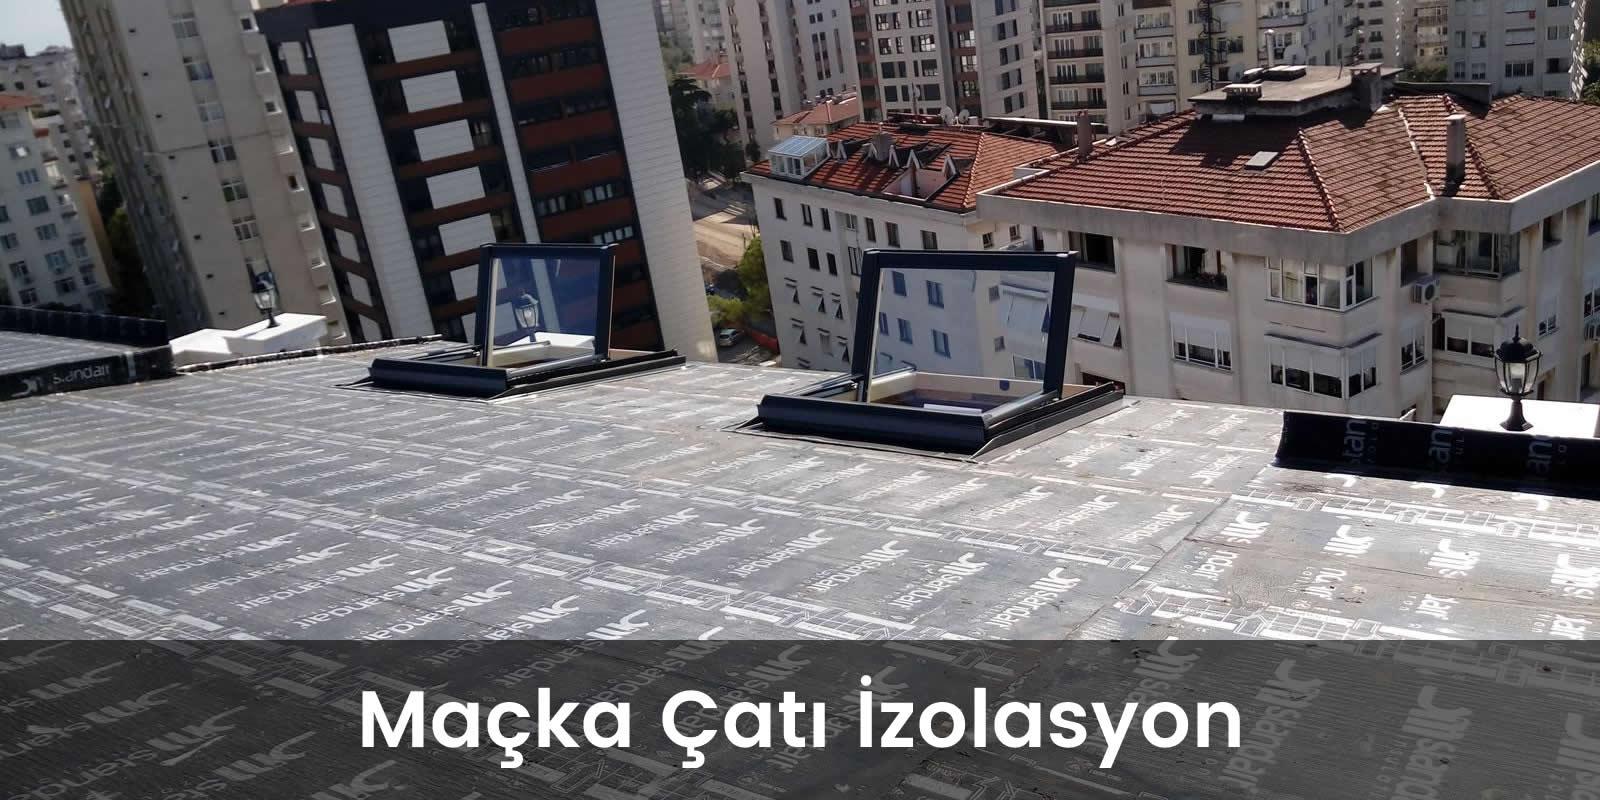 maçka çatı izolasyon